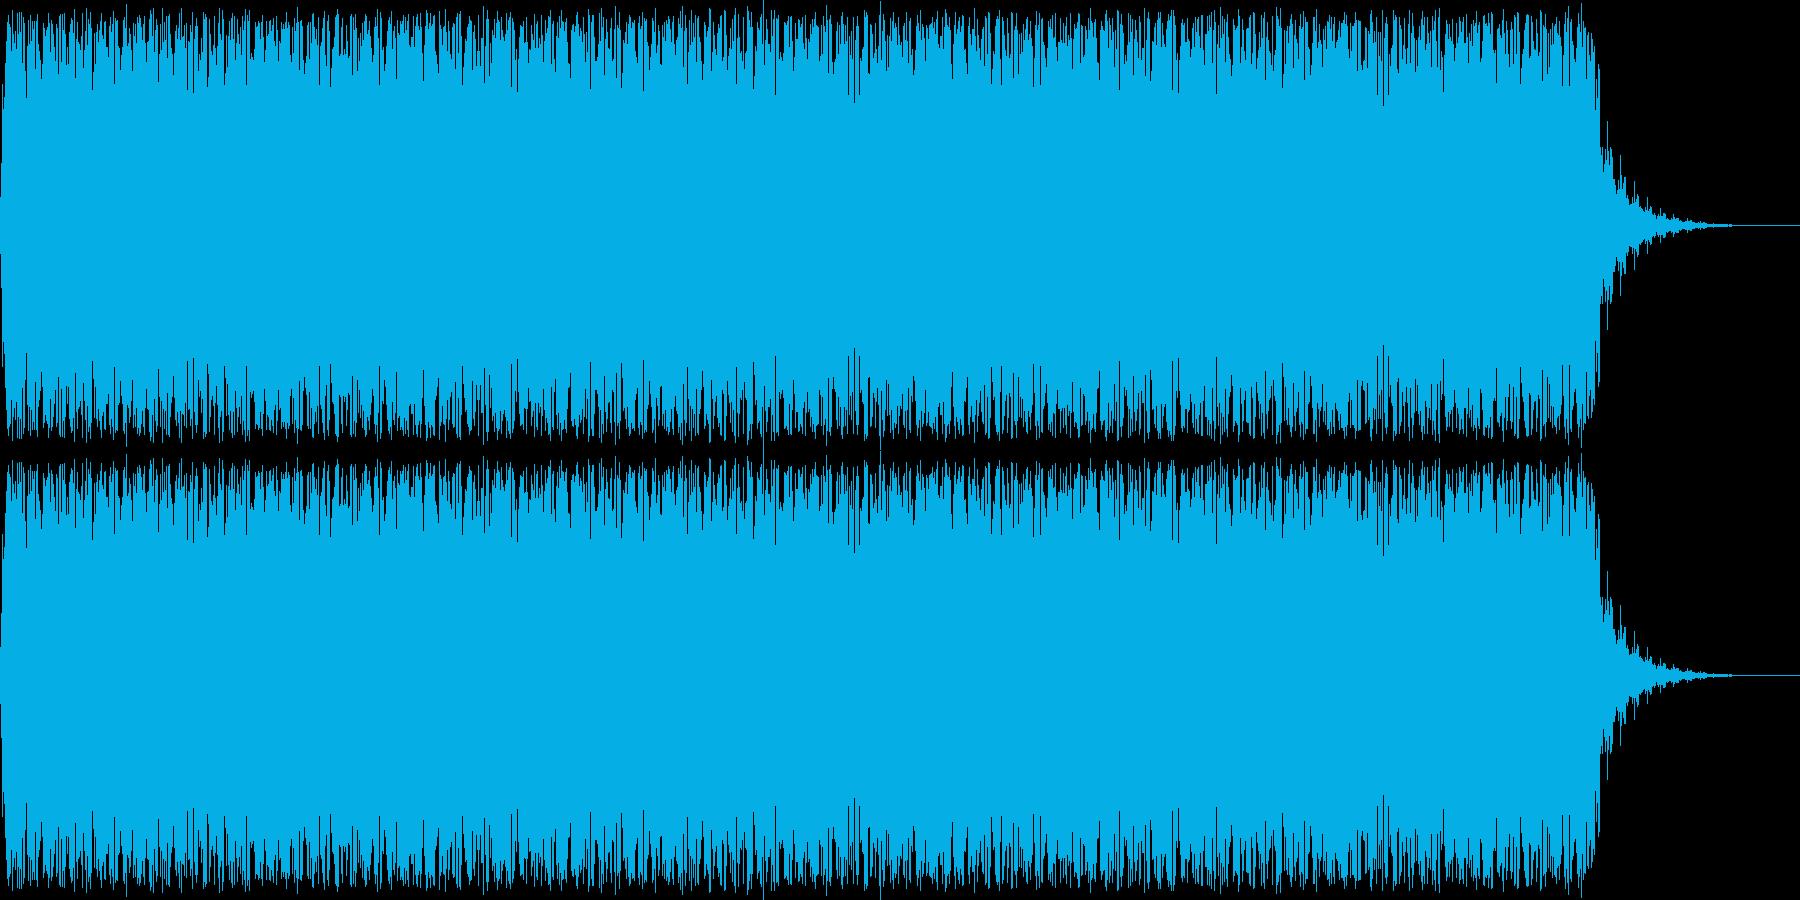 アニメにありそうなレーザーが飛び交う音の再生済みの波形